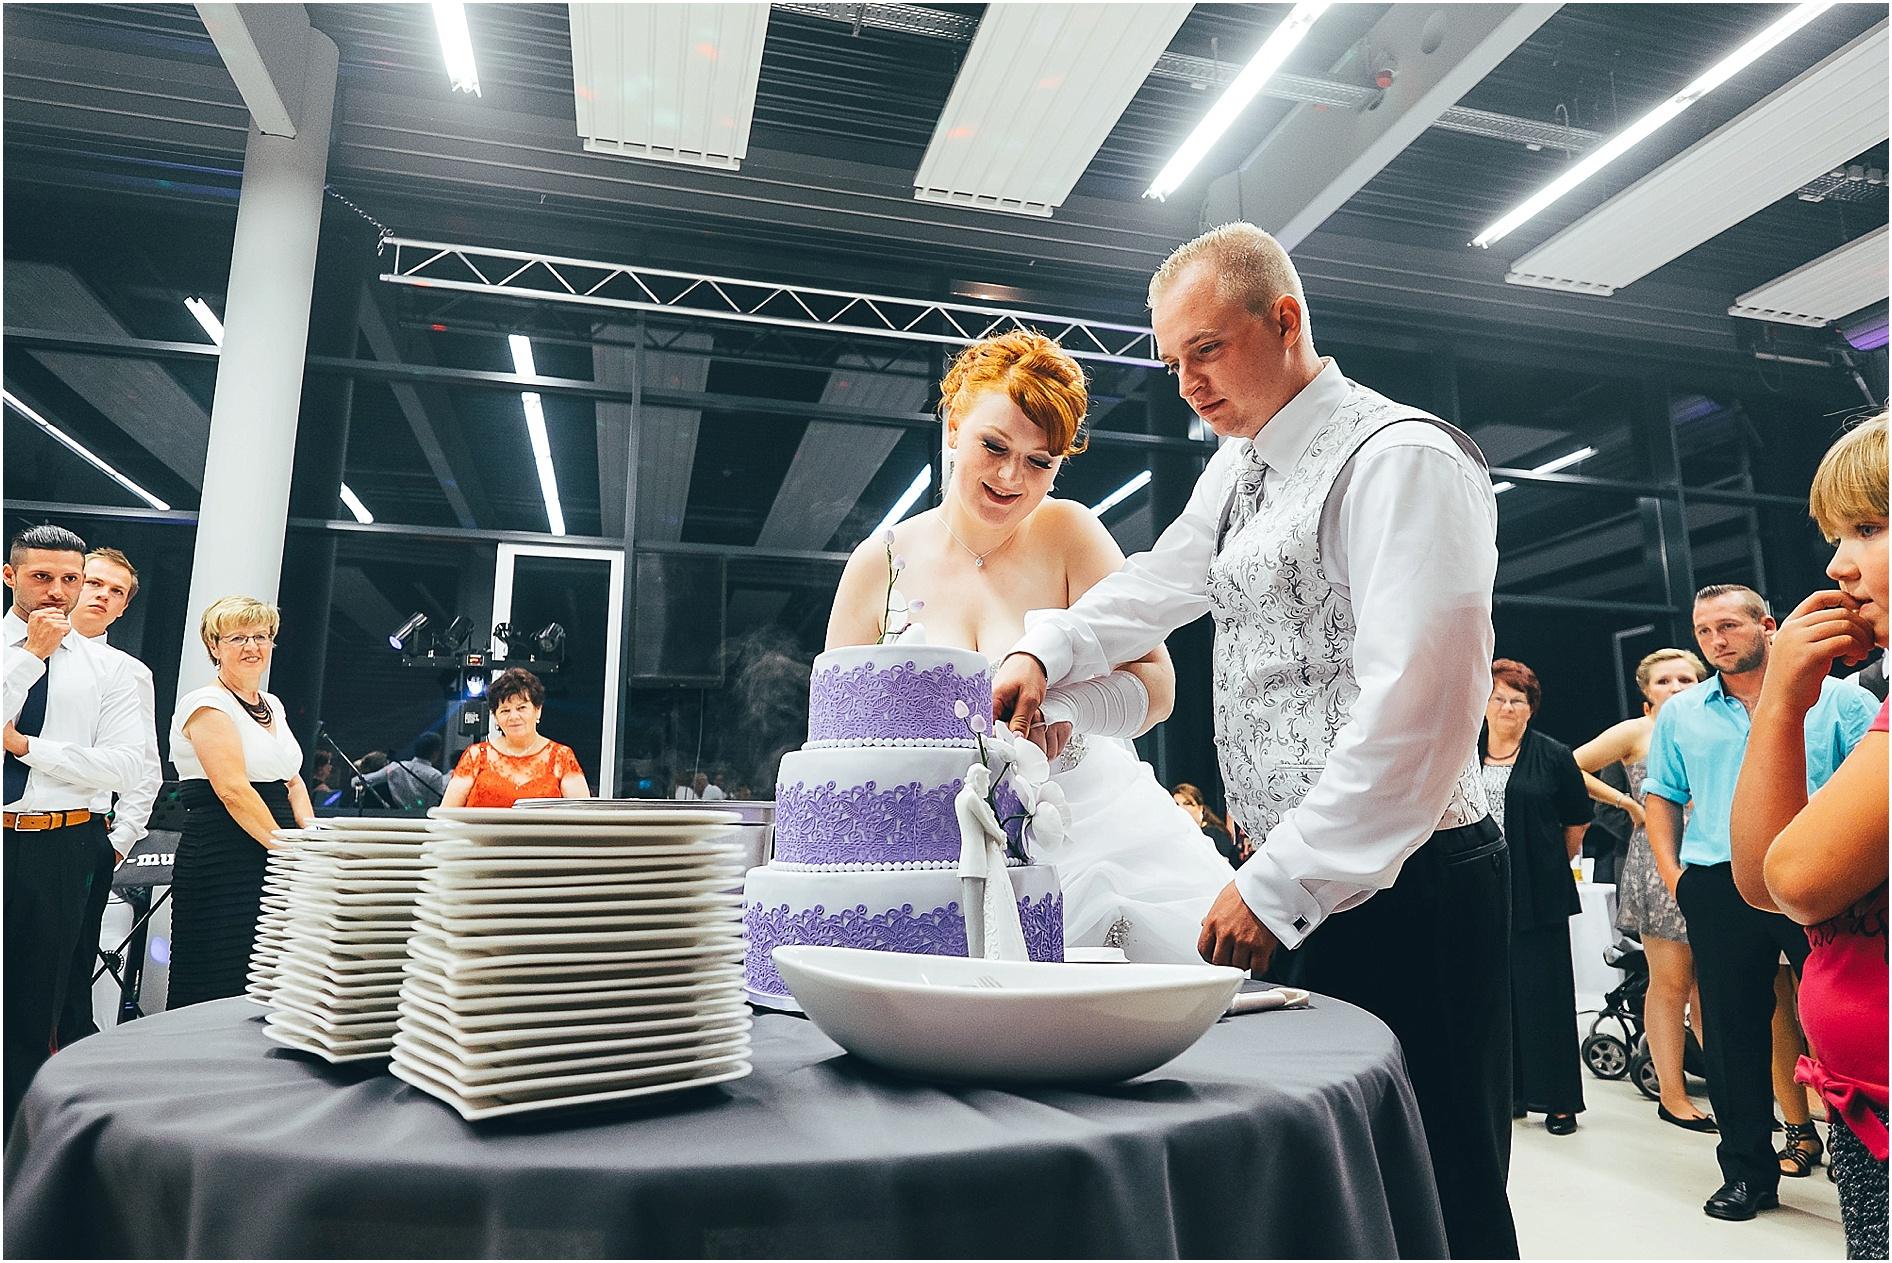 2014-11-20_0127 Lora & Daniel - Als Hochzeitsfotograf in Lüneburg